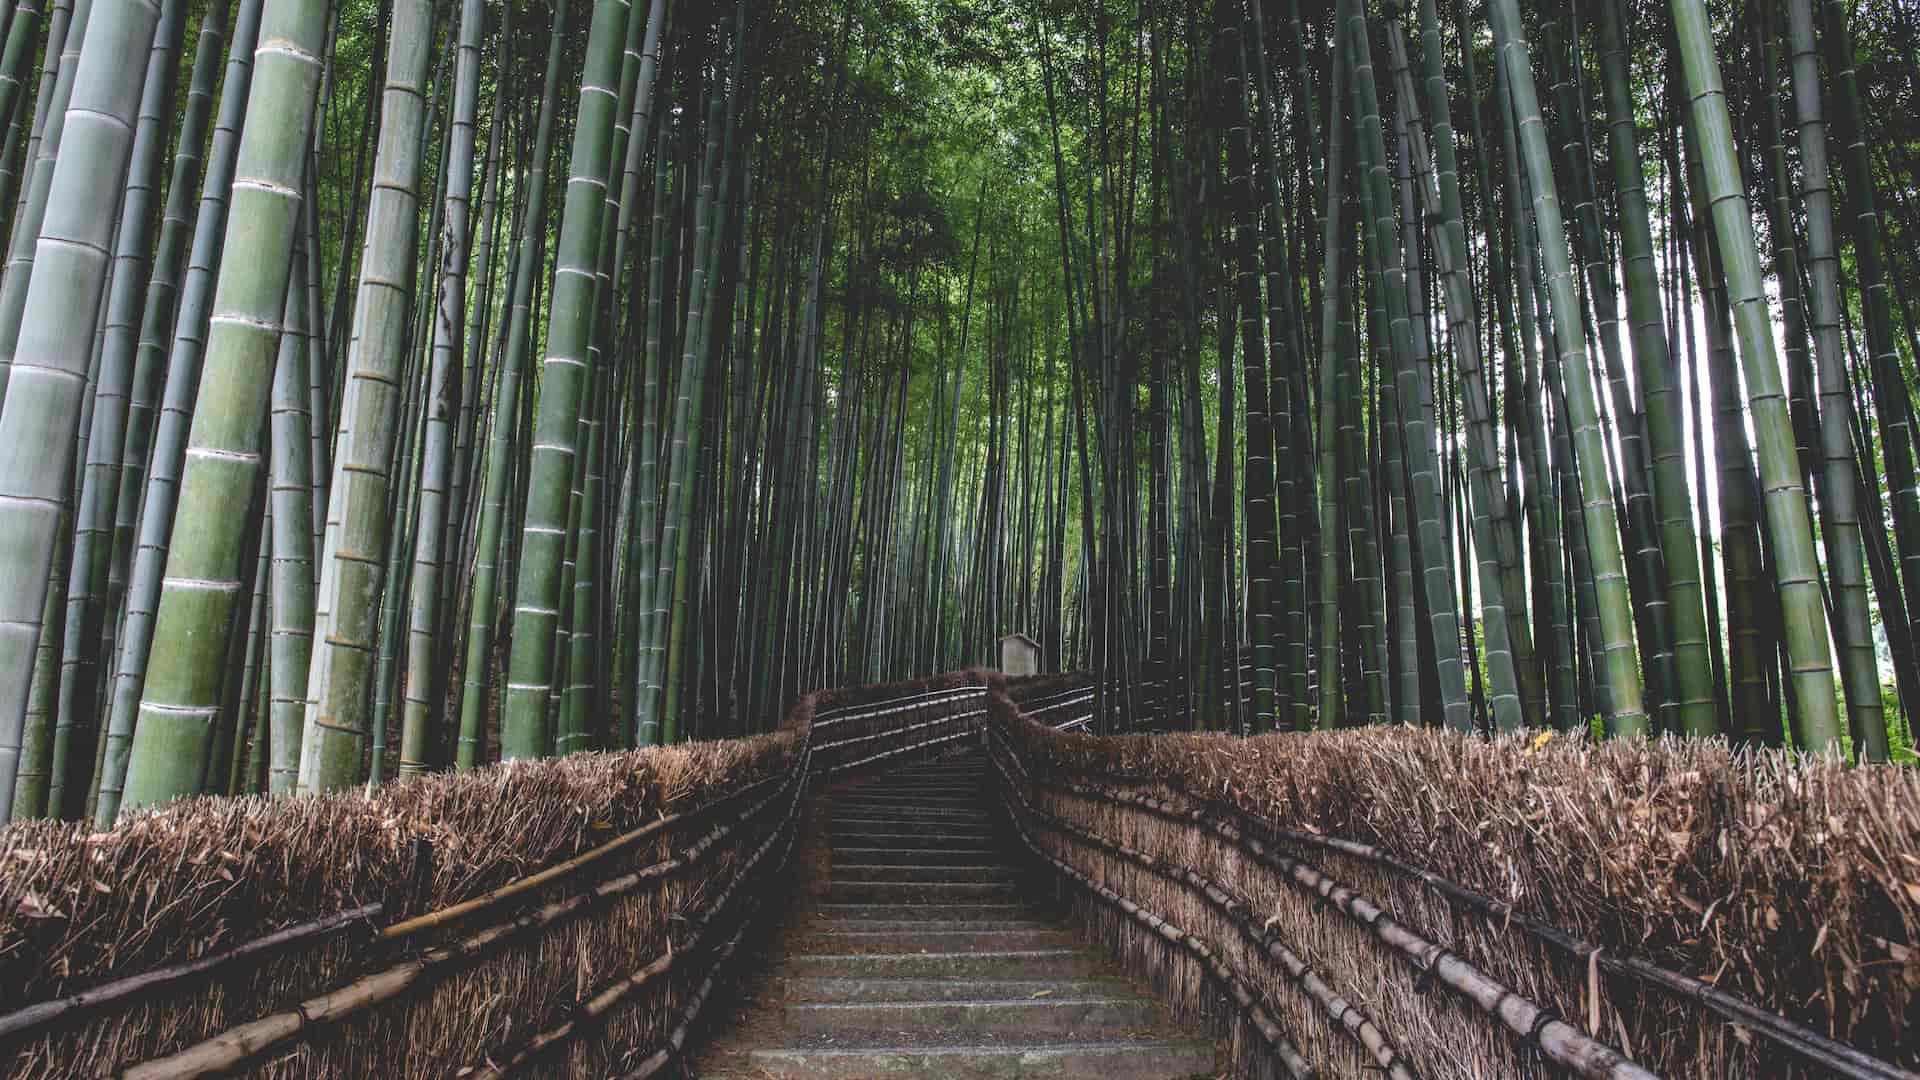 Bambo forest Tokyo viaggio di nozze Giappone